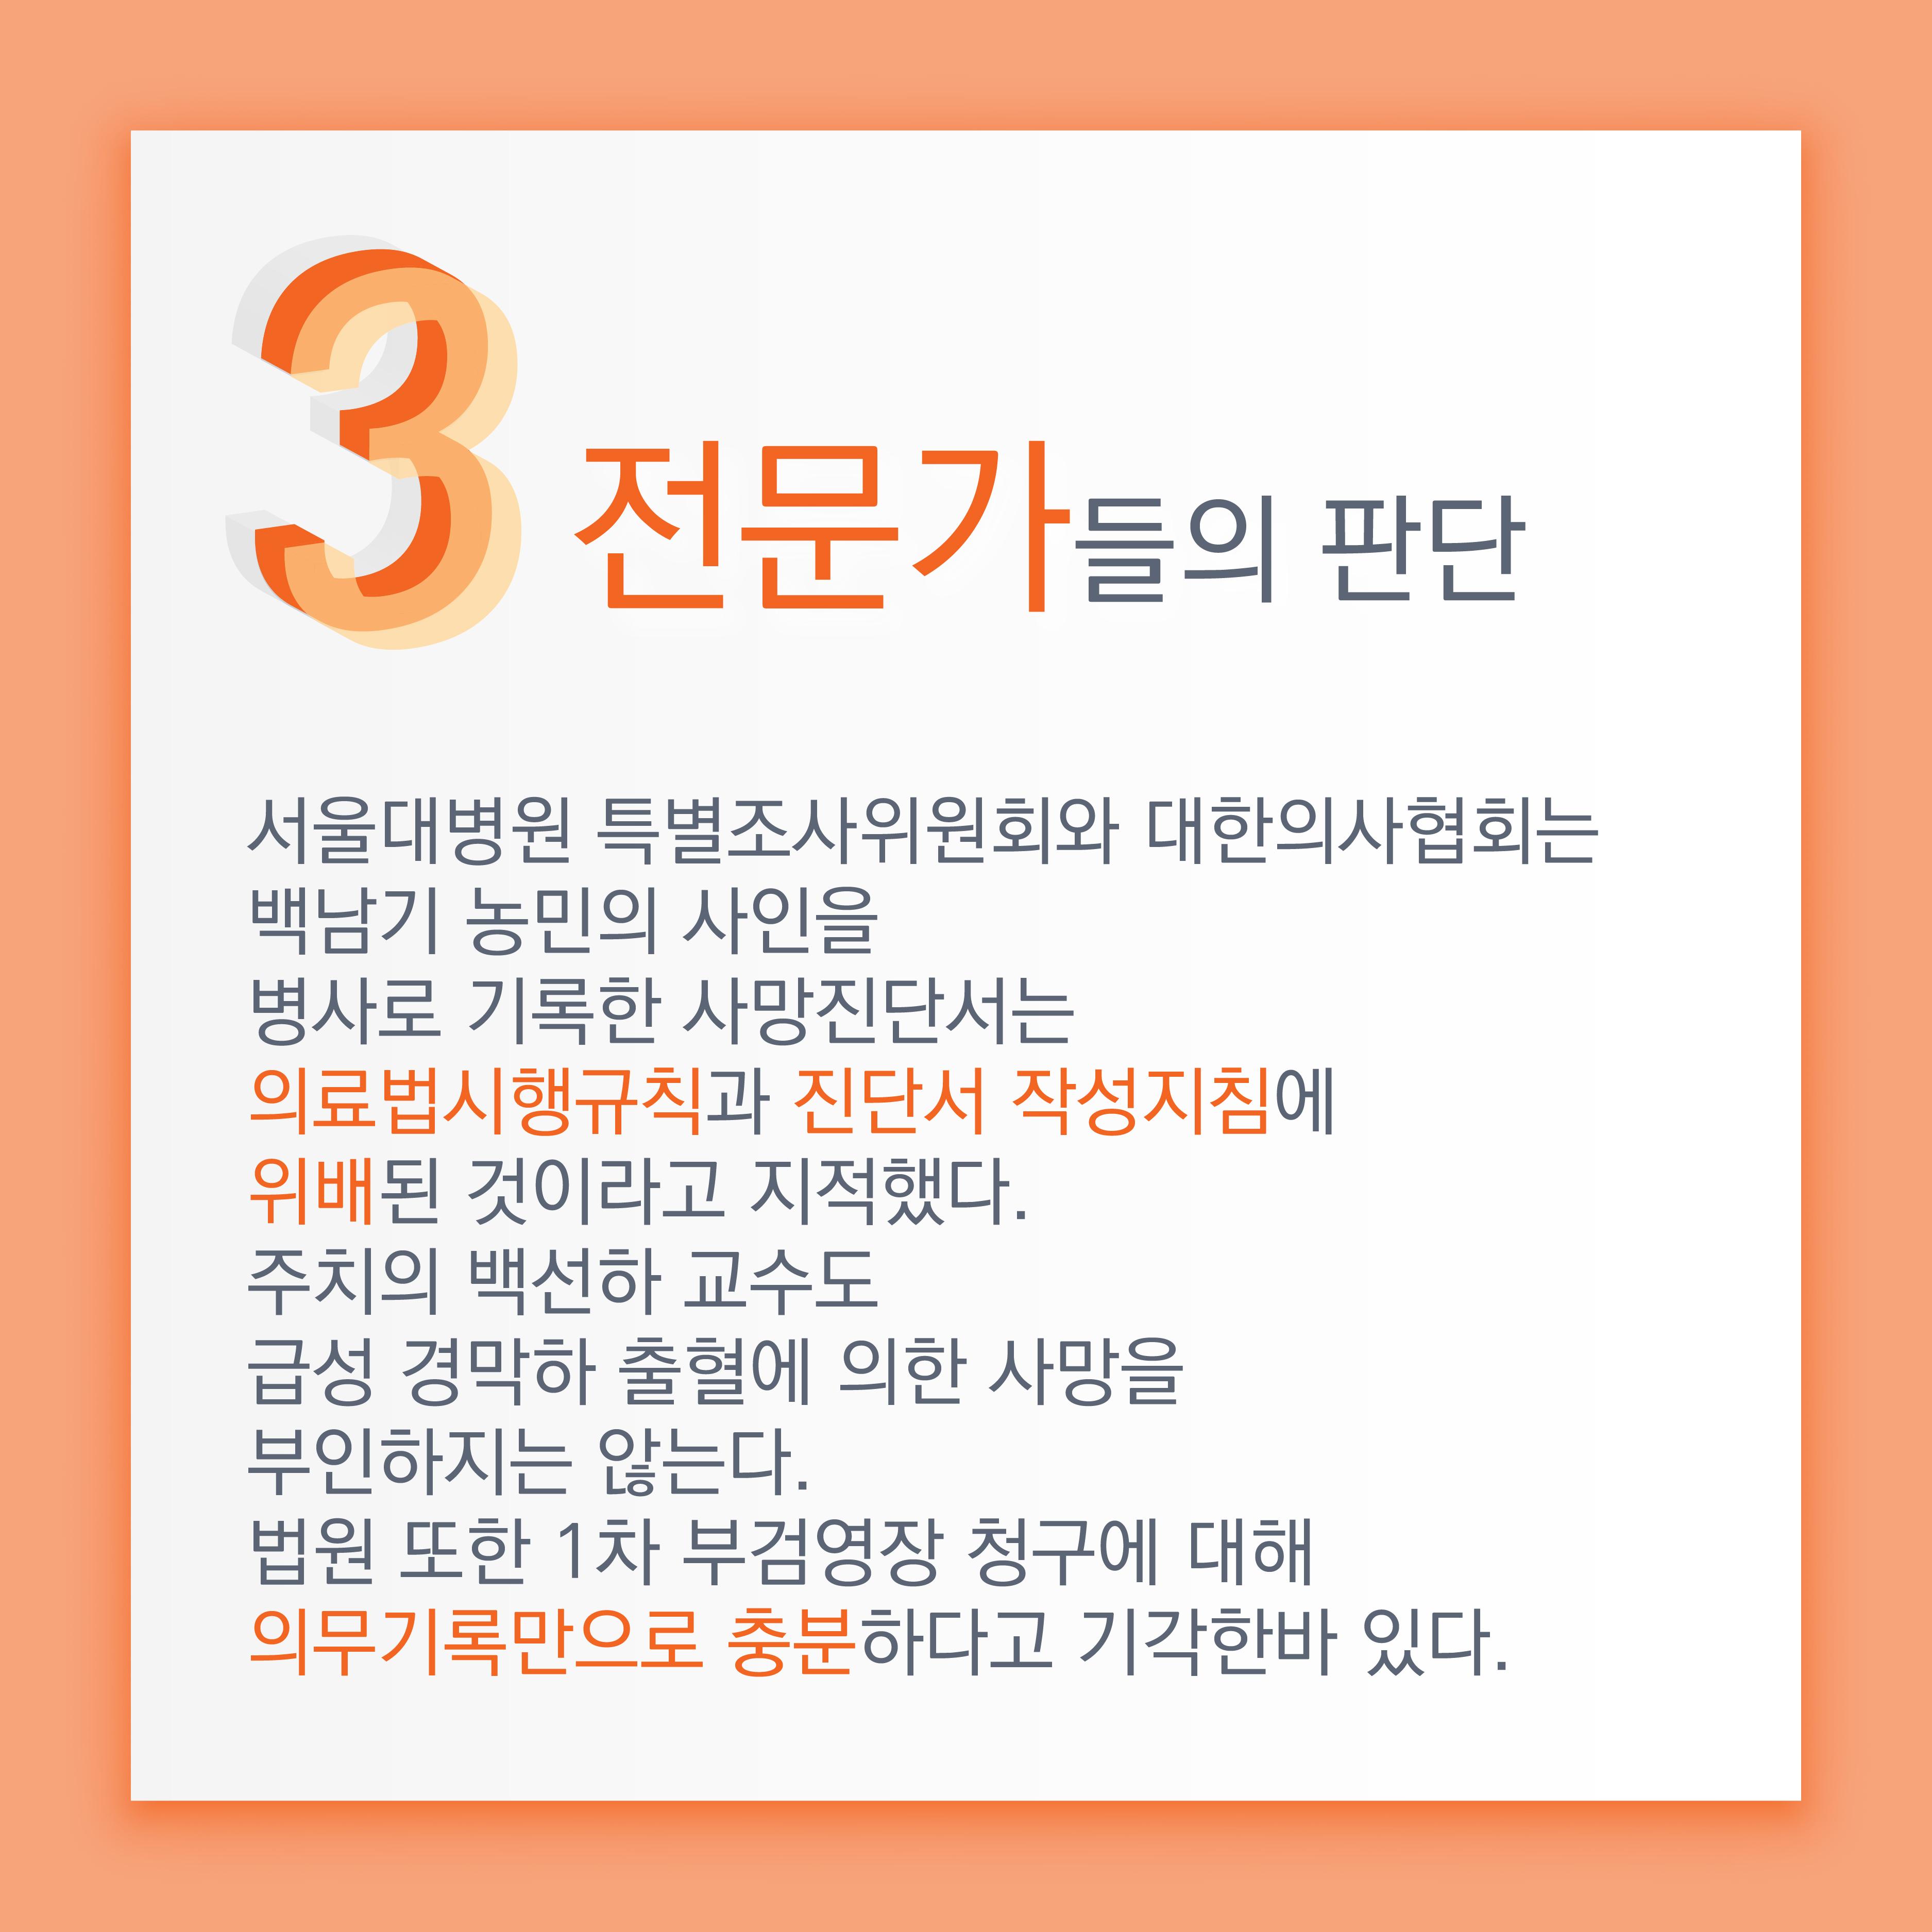 백남기 카드뉴스-10